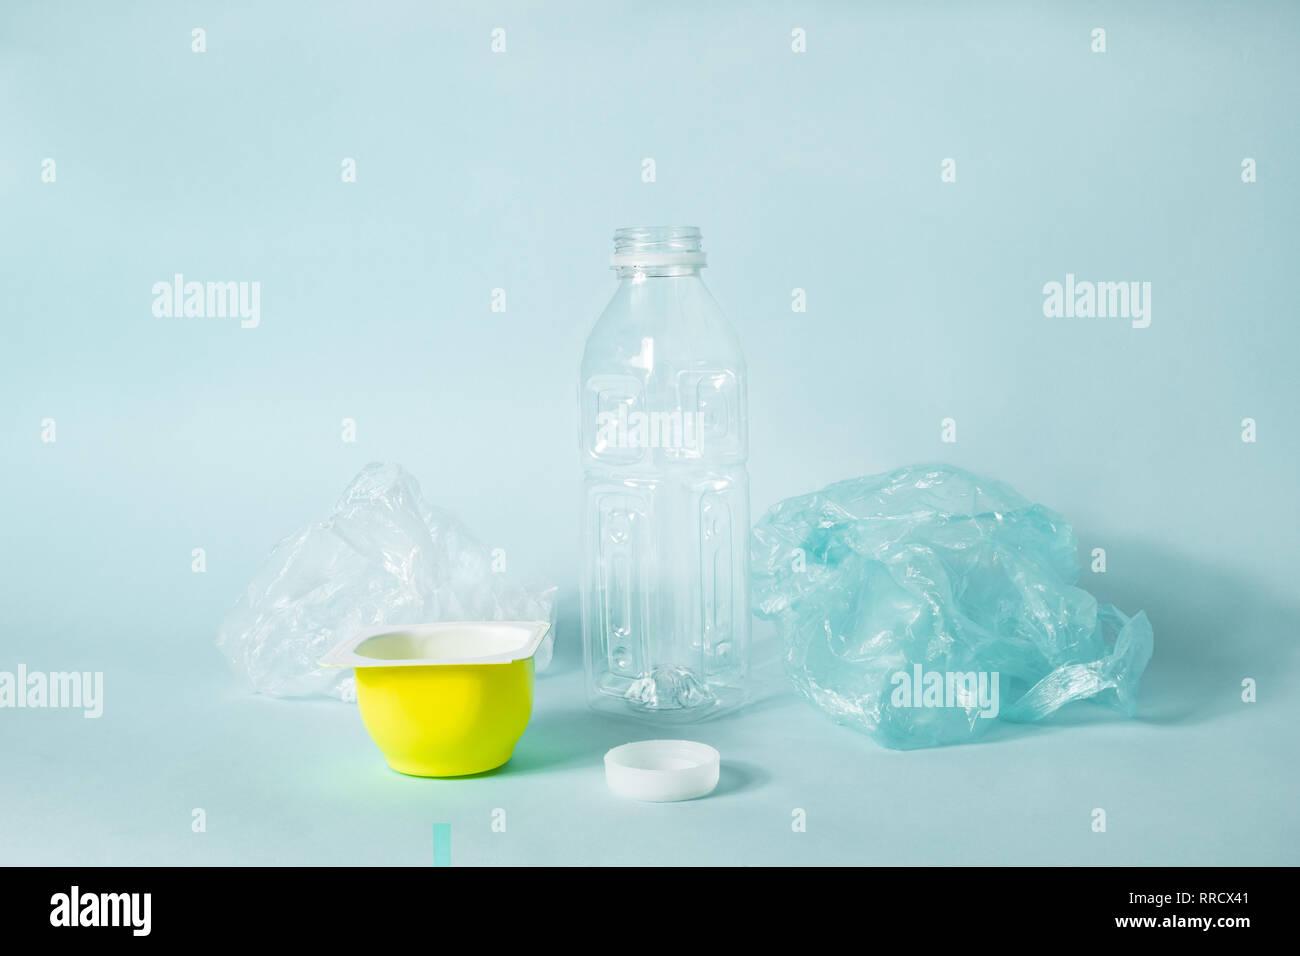 """Artículos de plástico desechables de uso diario sobre fondo azul. El concepto de """"huella ecológica"""" de humano: el tapón del vaso de plástico y envases de alimentos que don Imagen De Stock"""